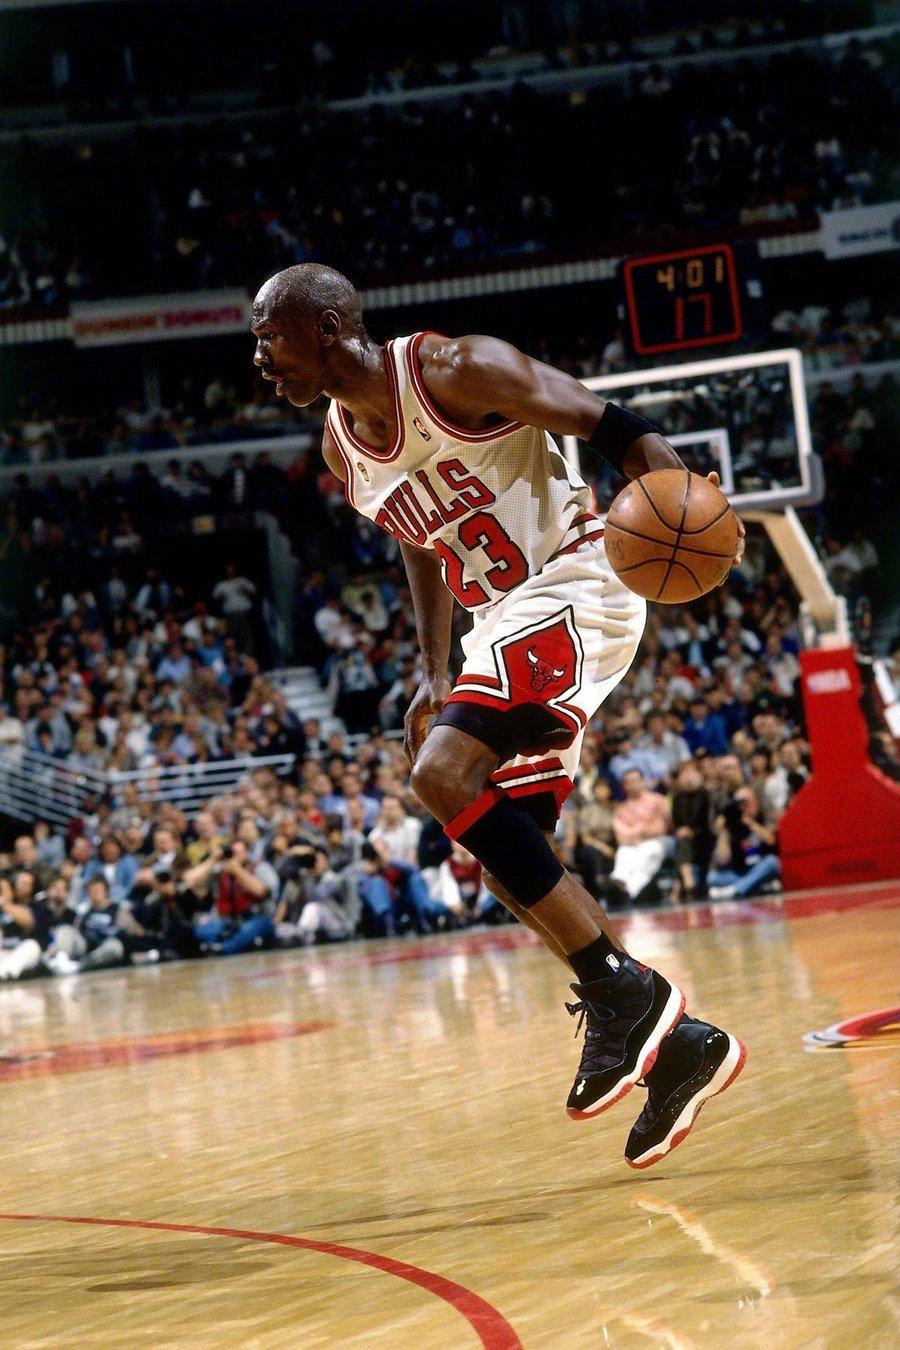 AJ11,Air Jordan 11,Bred,378037  官网、天猫都会发!黑红 AJ11 明早大规模发售,原价入手的最好时机